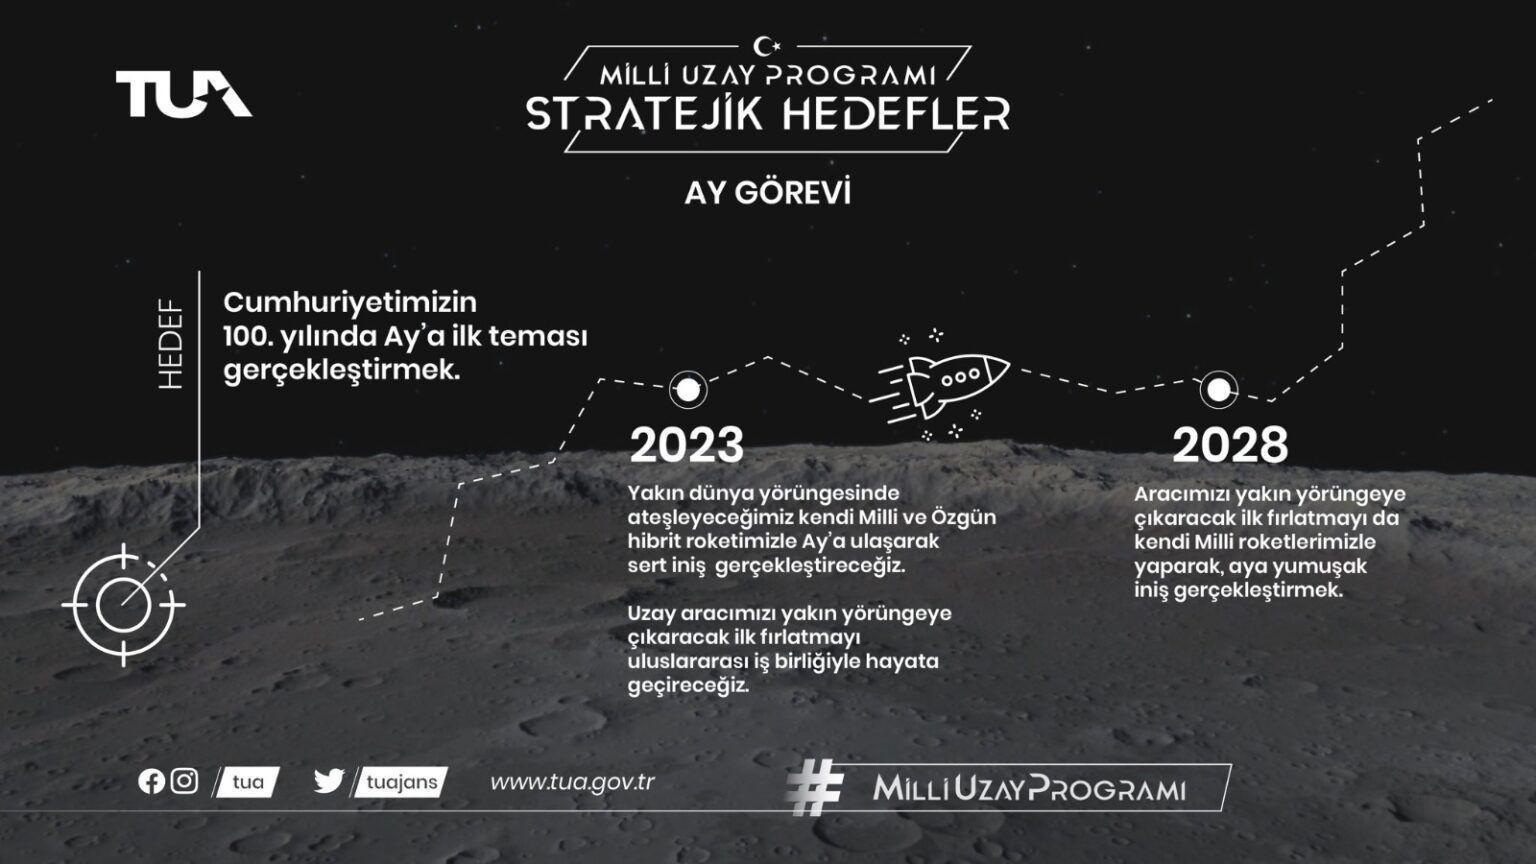 milli-uzay-programı3-1536x864.jpeg